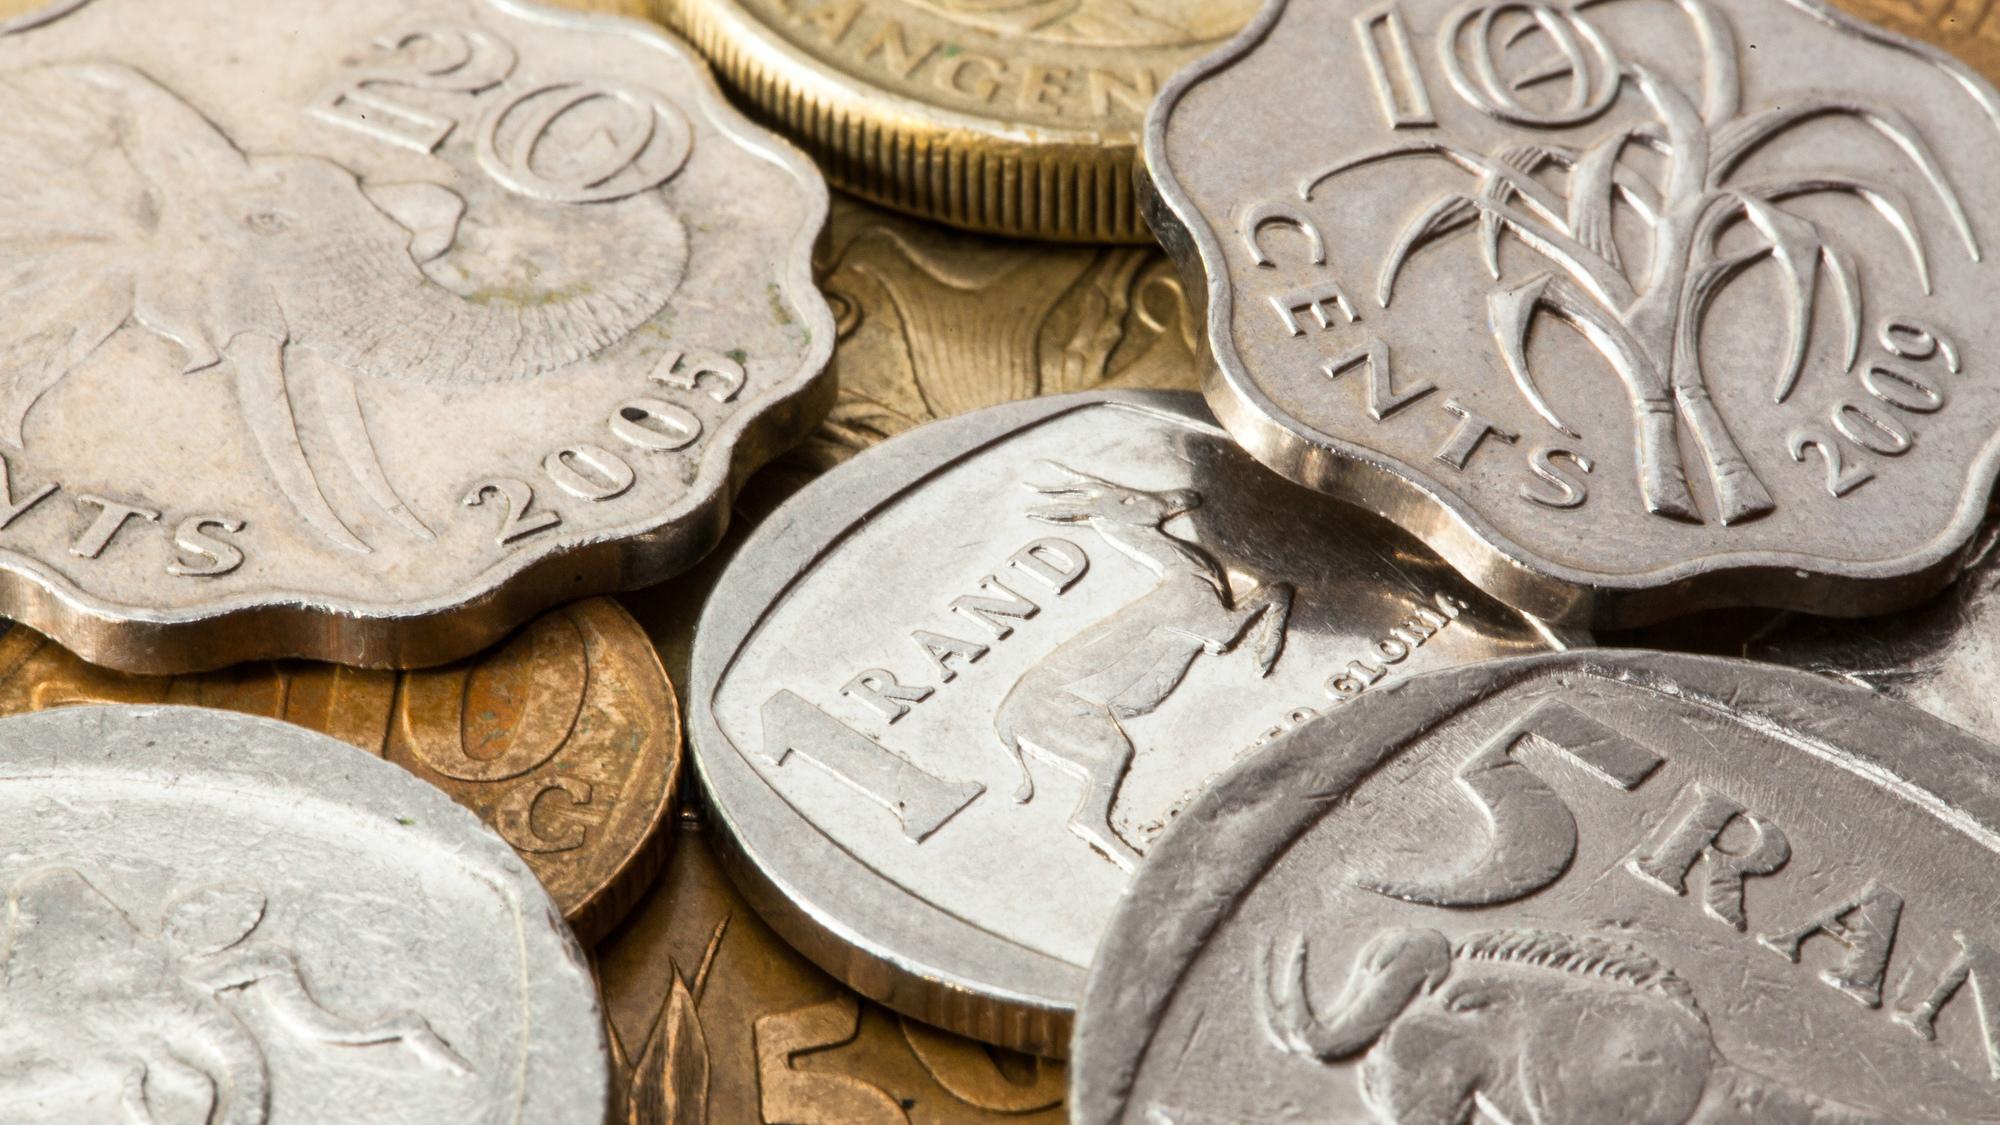 株高・リスクオン再燃…リスク資産「新興国通貨」の買い時は?